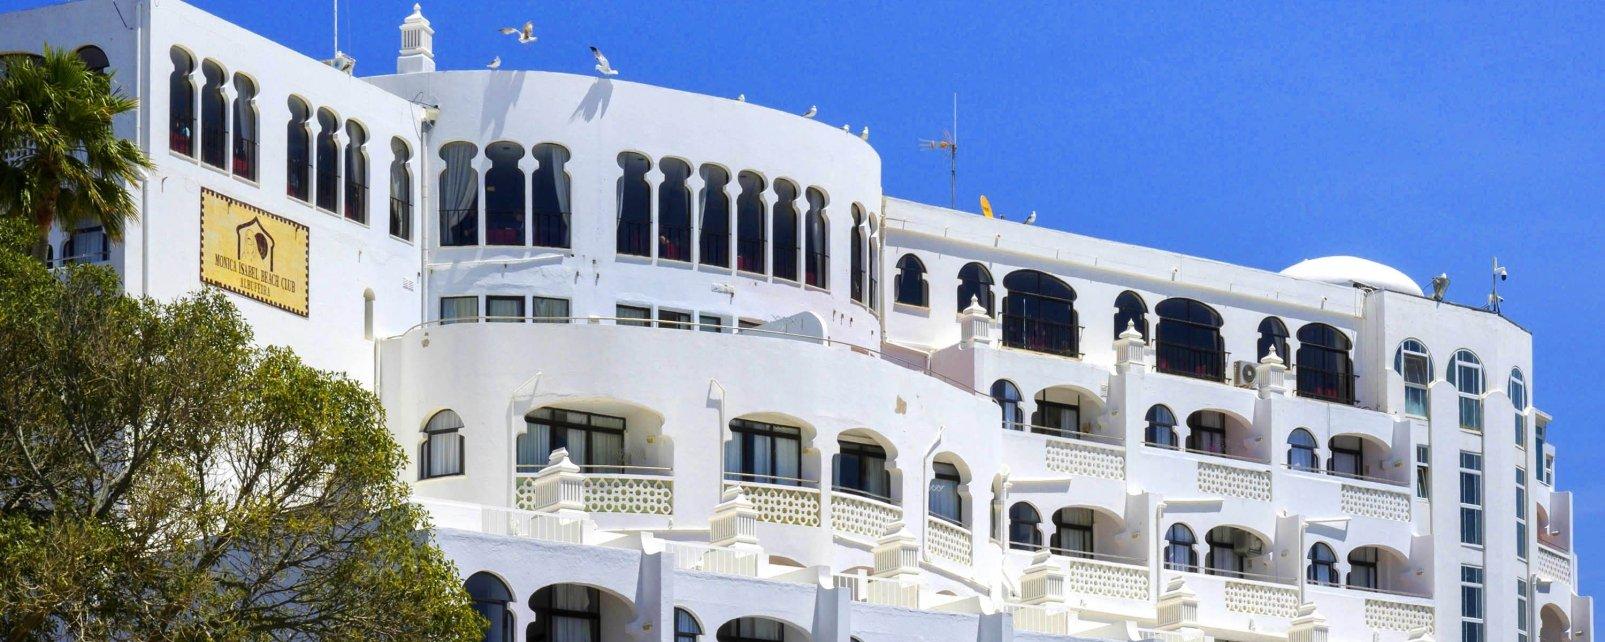 Hôtel Mónica Isabel